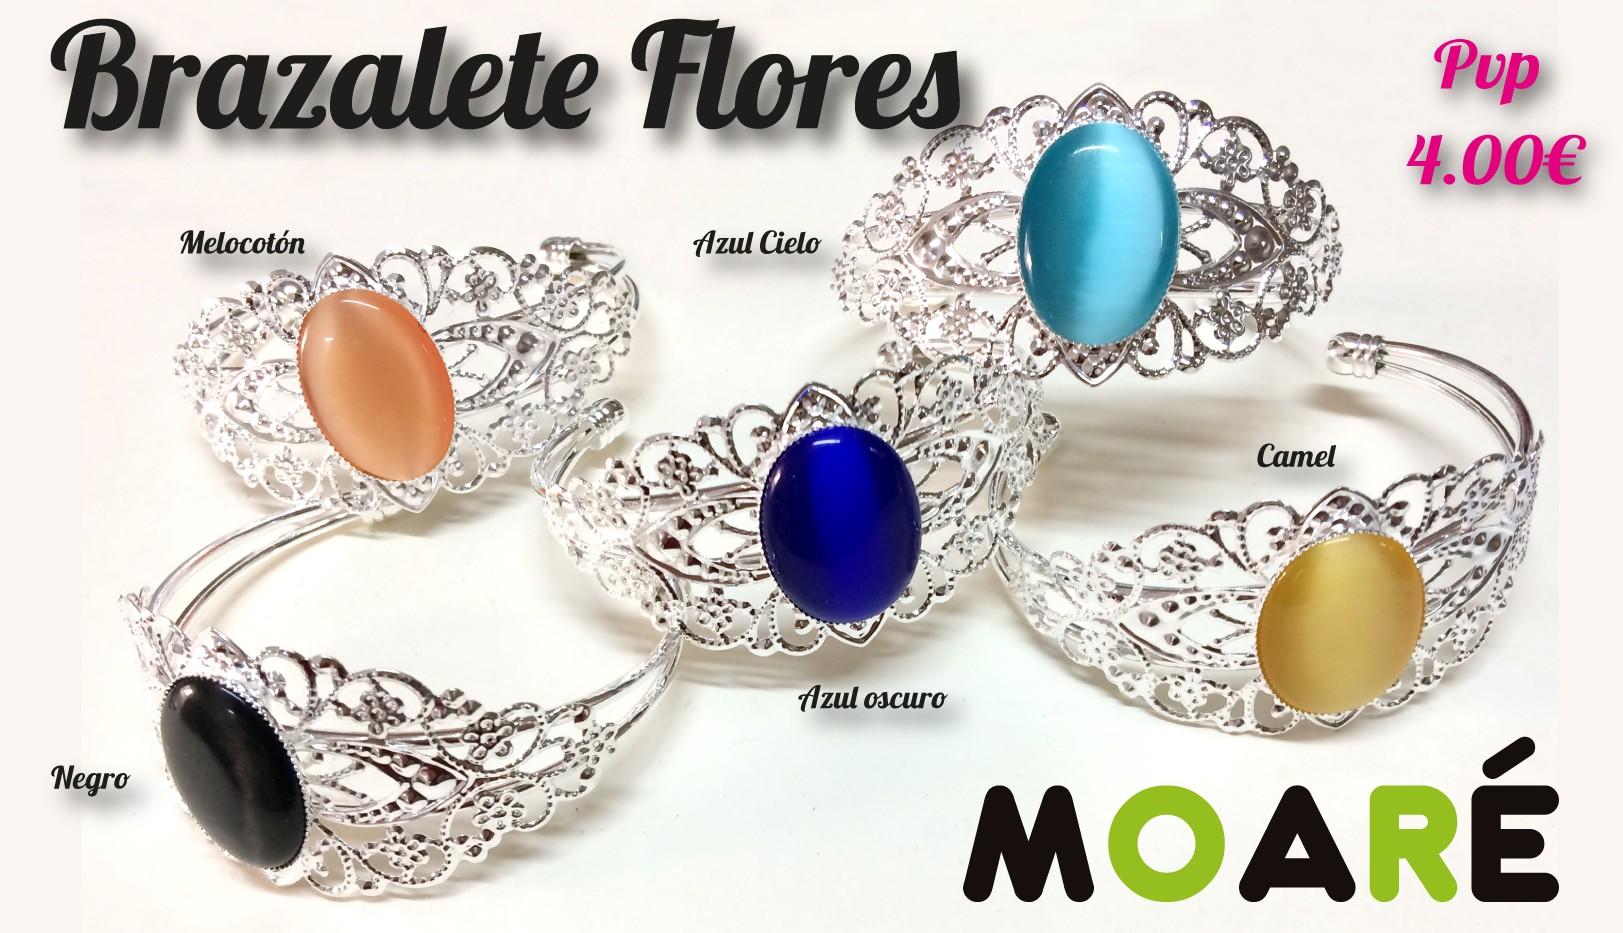 Brazalete Flores encaje de bolillos